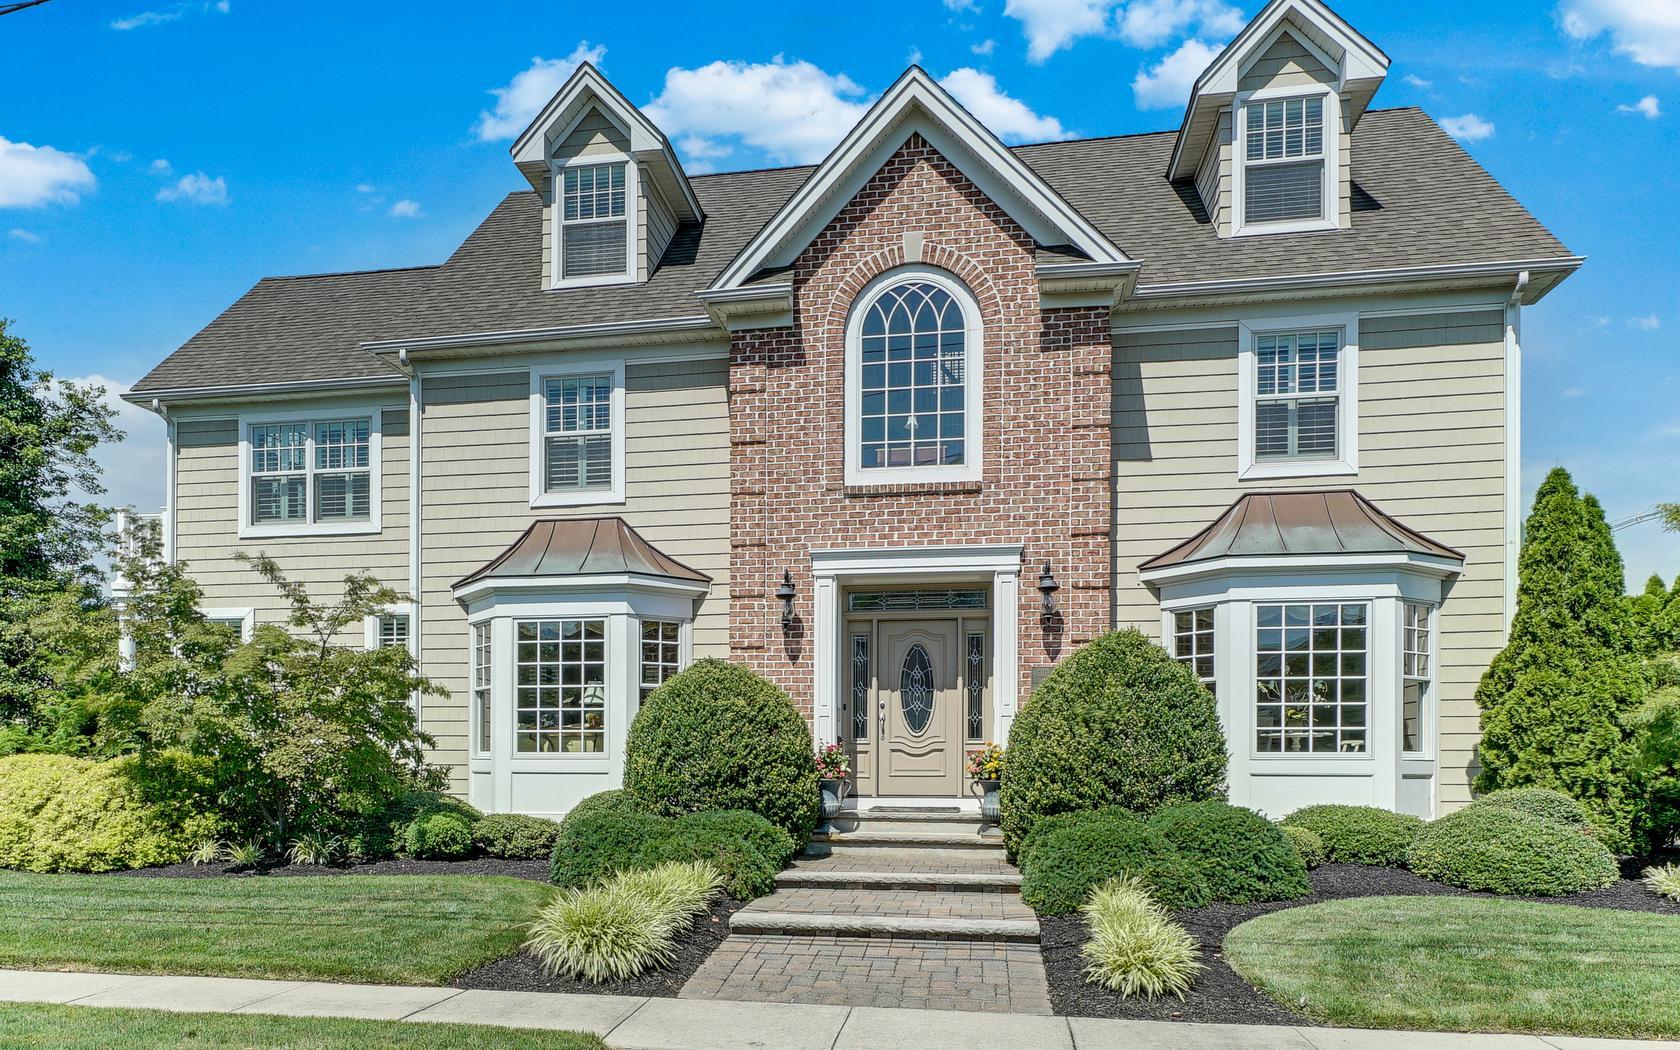 Casa Unifamiliar por un Venta en Traditional Colonial! 301 Philadelphia Boulevard Sea Girt, Nueva Jersey, 08750 Estados Unidos